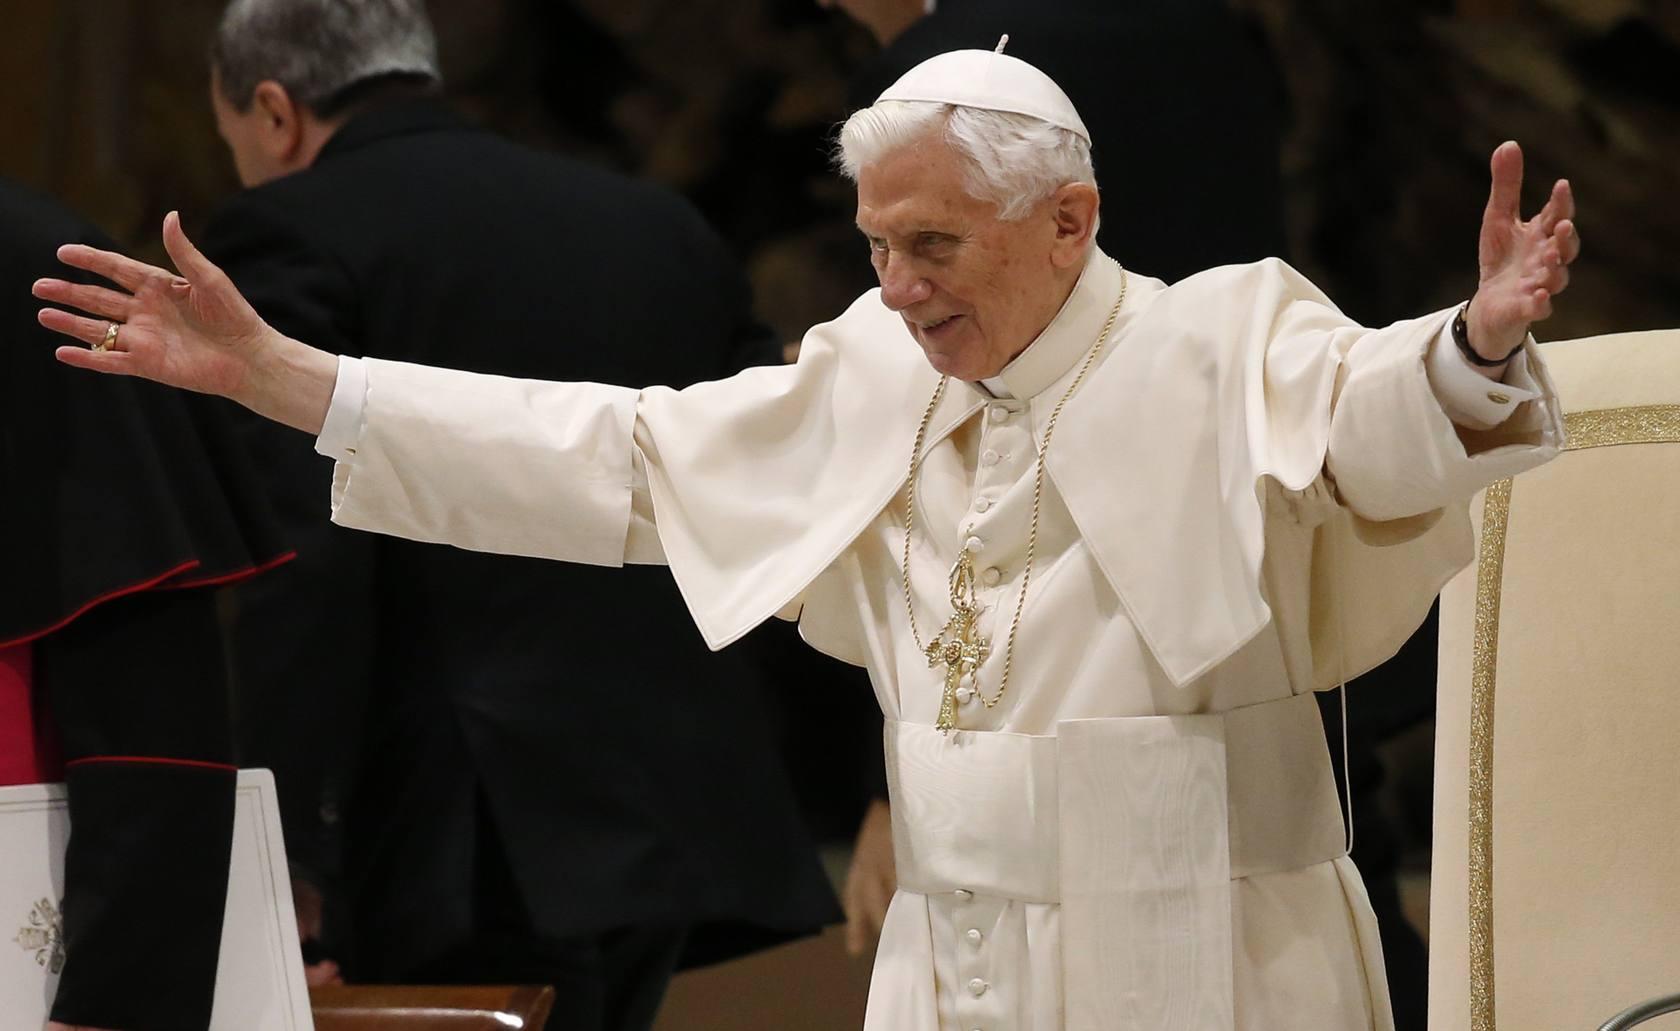 El Papa hace su primera aparición pública tras anunciar su renuncia